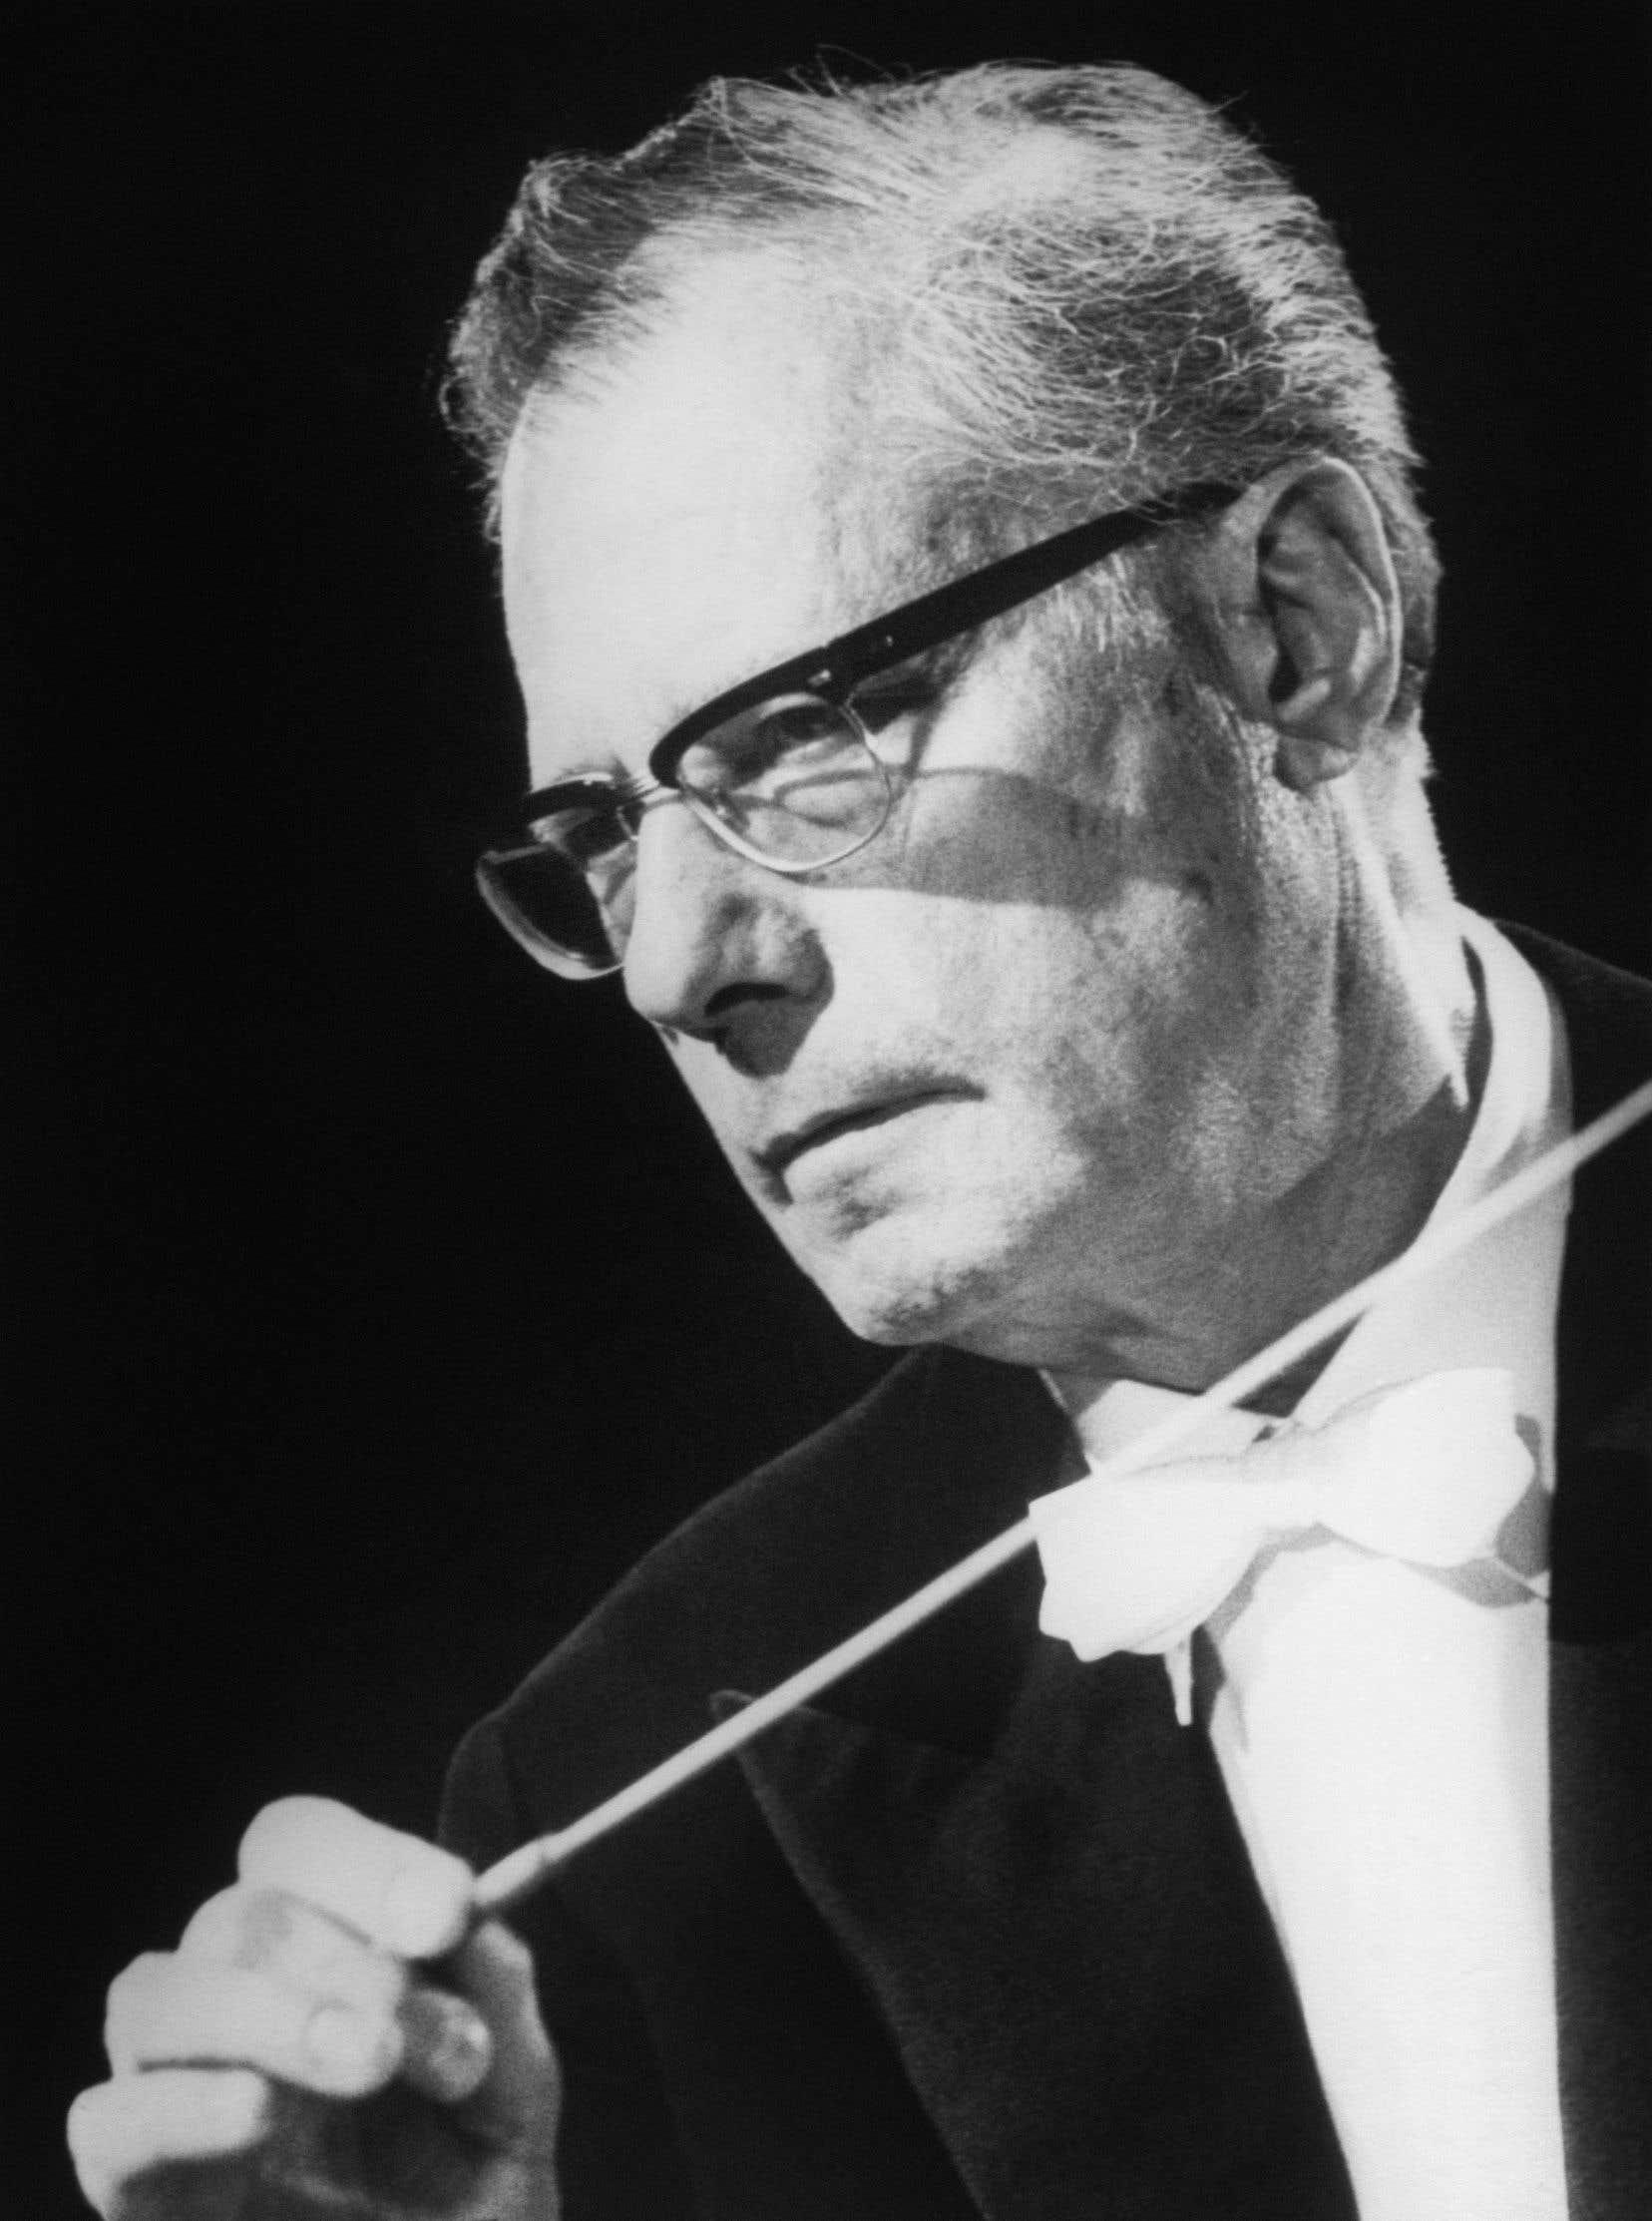 Le chef autrichien Karl Böhm en juillet 1970